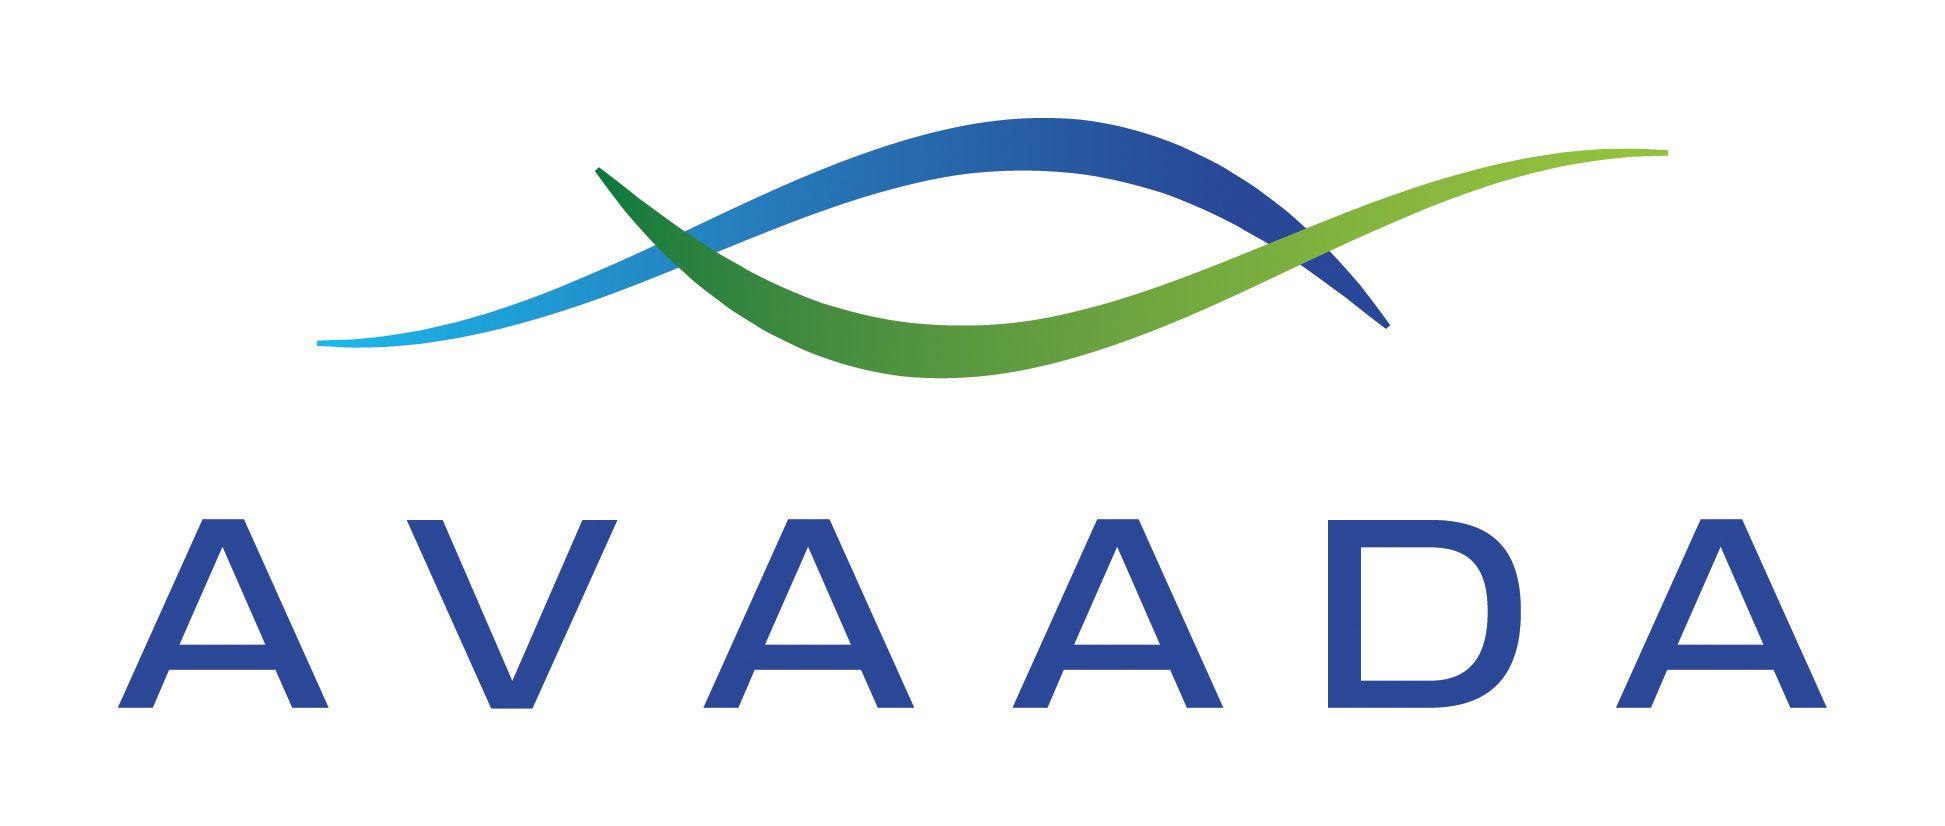 Avaada Group Logo